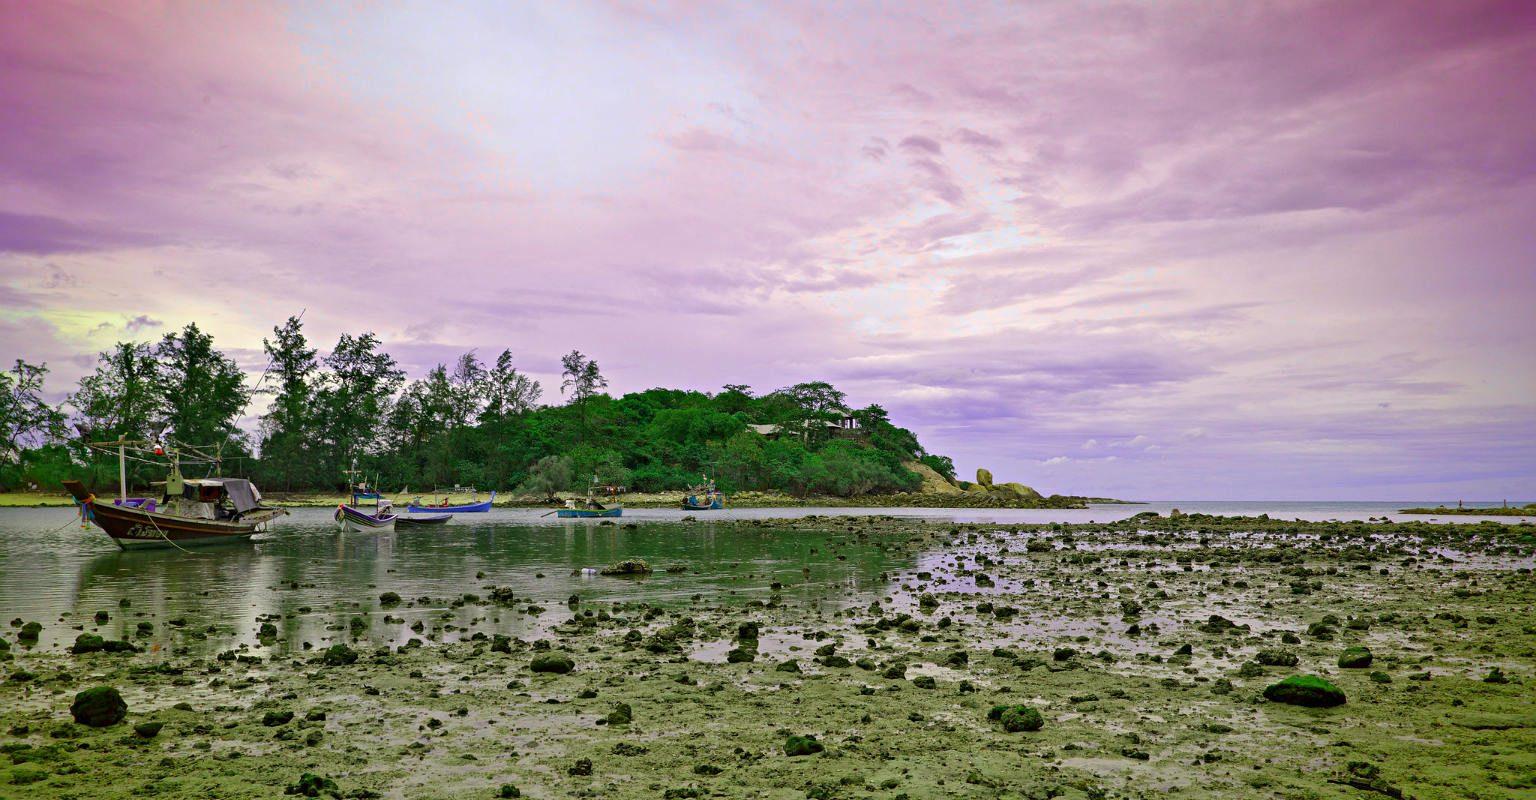 drooggevallen strand met rotsen bij laag water Choeng Mon Beach, Koh Samui